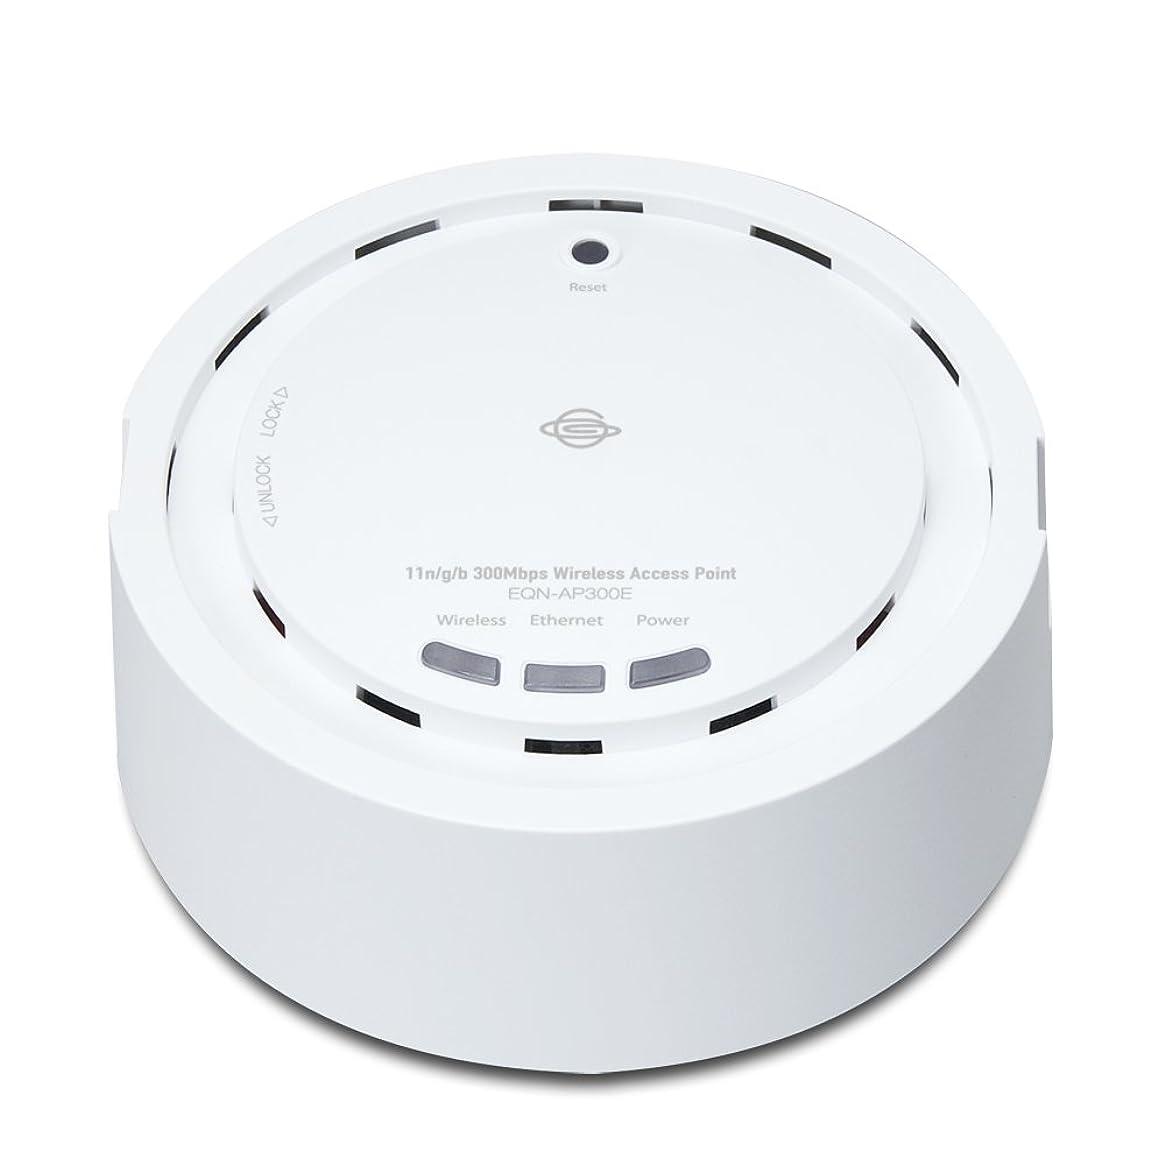 かわいらしい禁止するインスタントPLANEX 無線LAN アクセスポイント PoE受電機能搭載 300Mbps EQN-AP300E